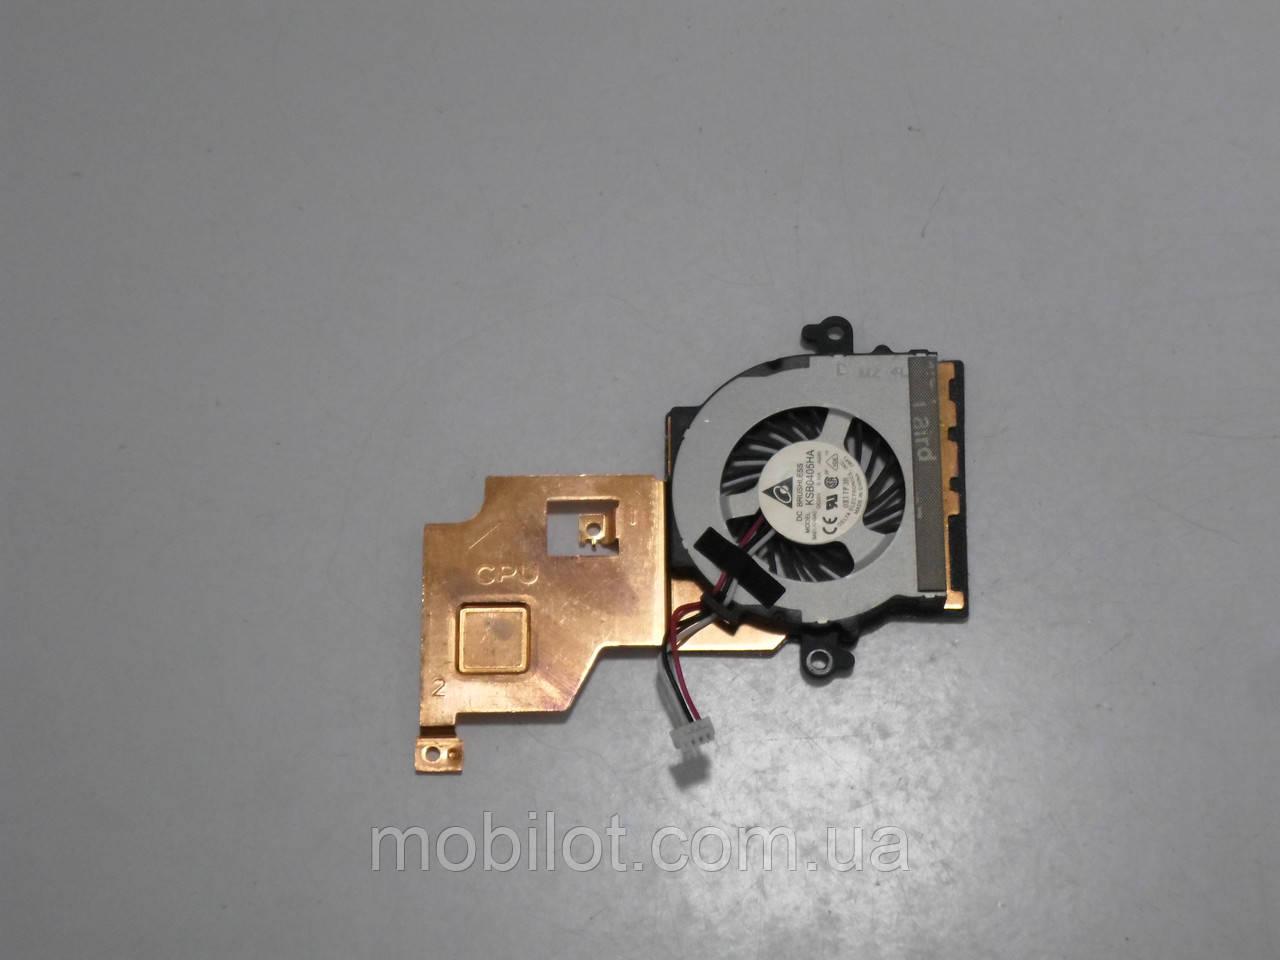 Система охлаждения Samsung NF310 (NZ-7444)